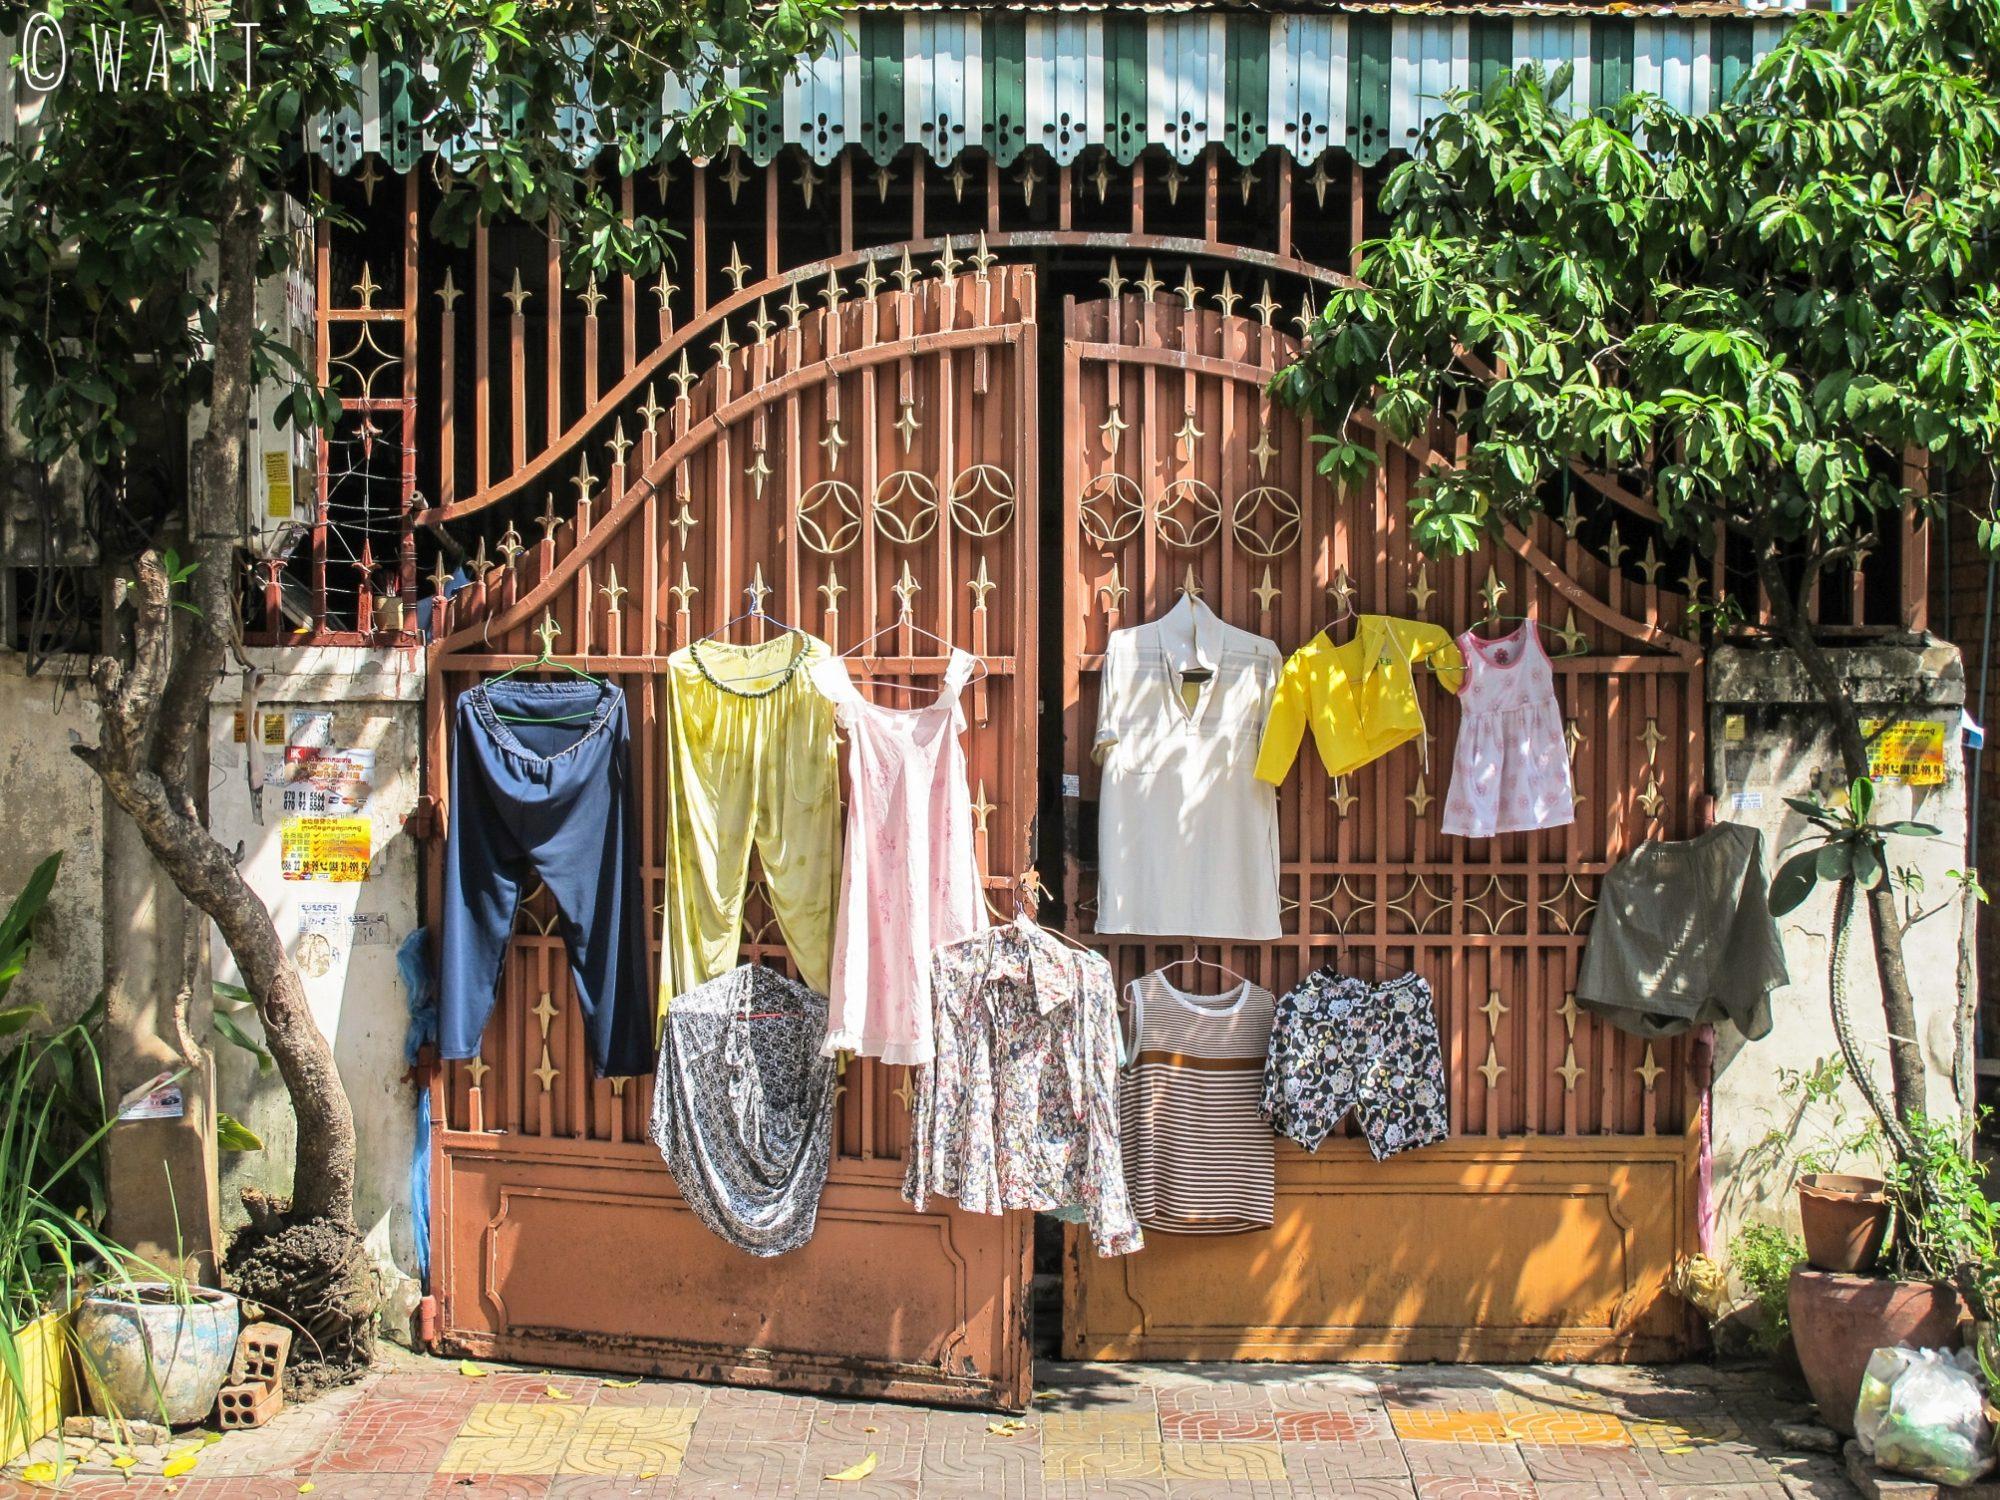 Linge en train de sécher au soleil dans les rues de Phnom Penh